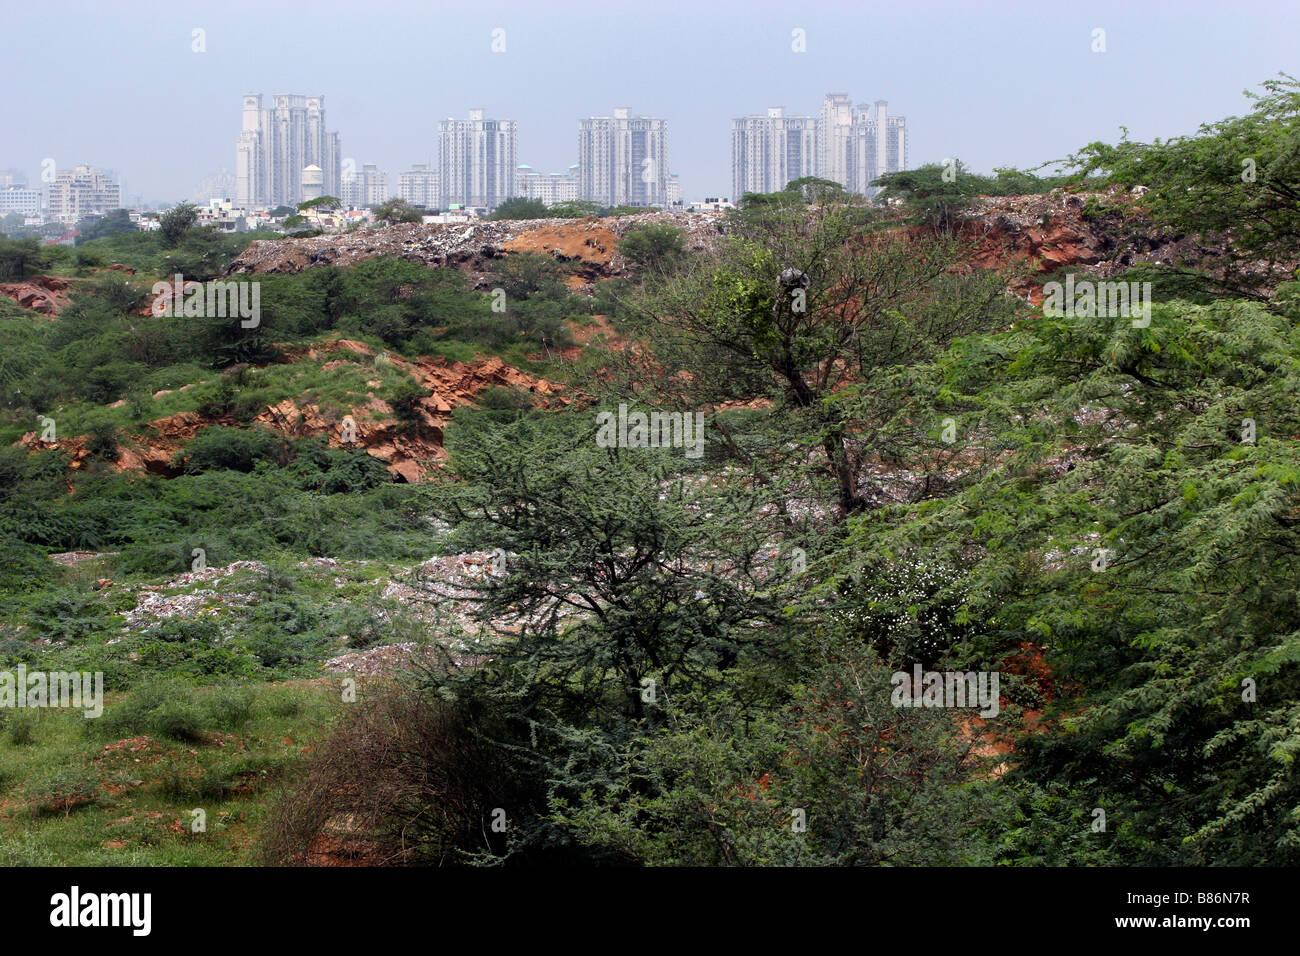 Residenziali eleganti edifici alti salire oltre il verde di Gurgaon in India Immagini Stock